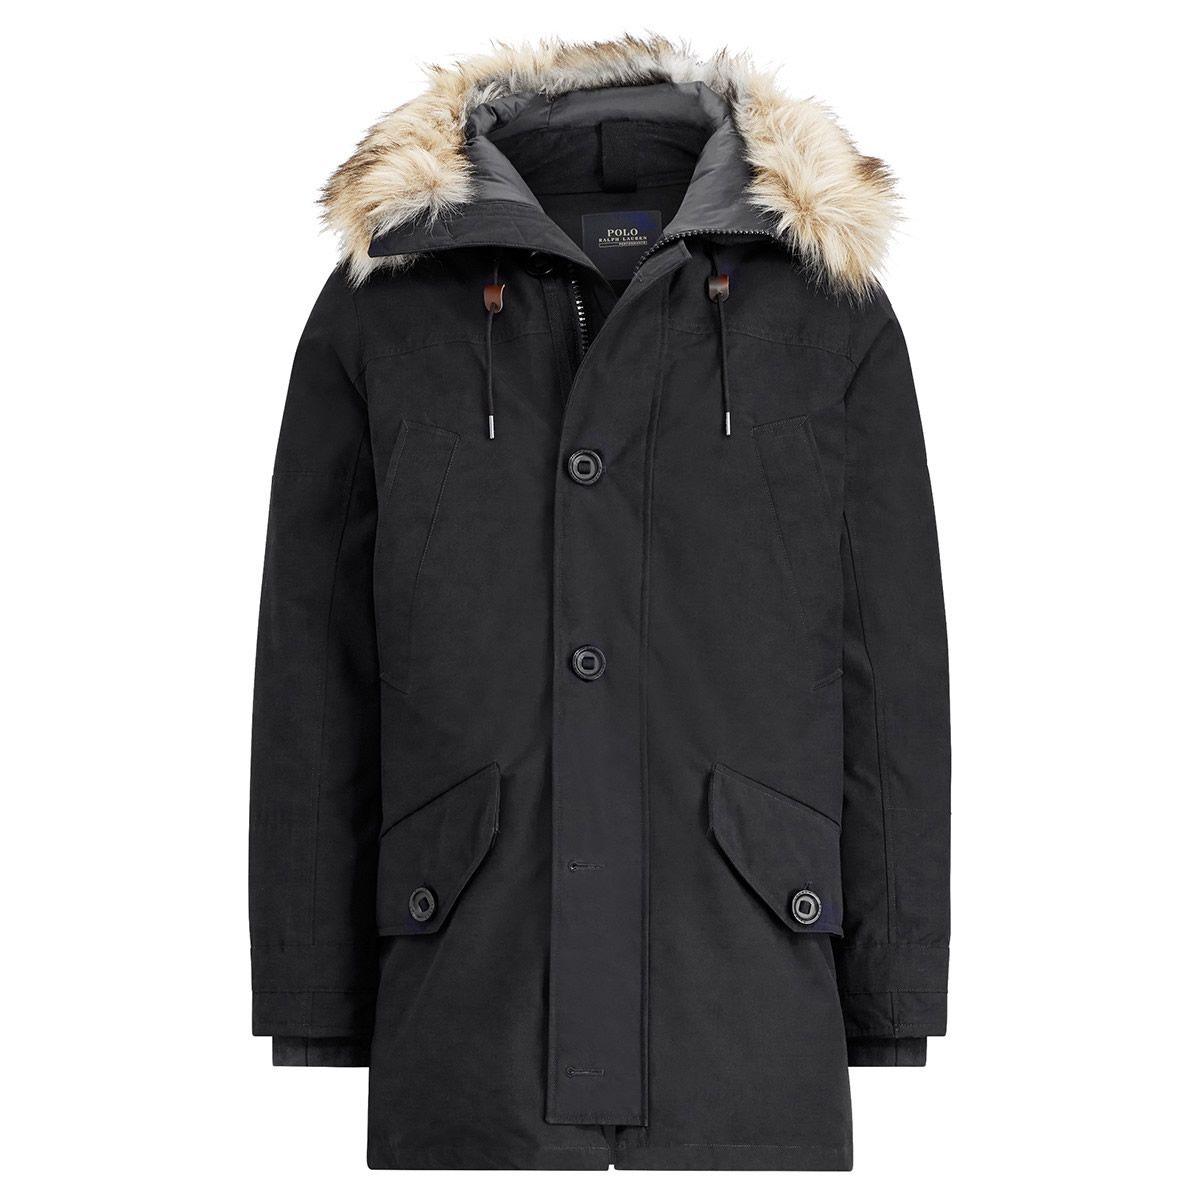 769169568f2fb8 Polo Ralph Lauren Mens Jackets   Coats - Macy s